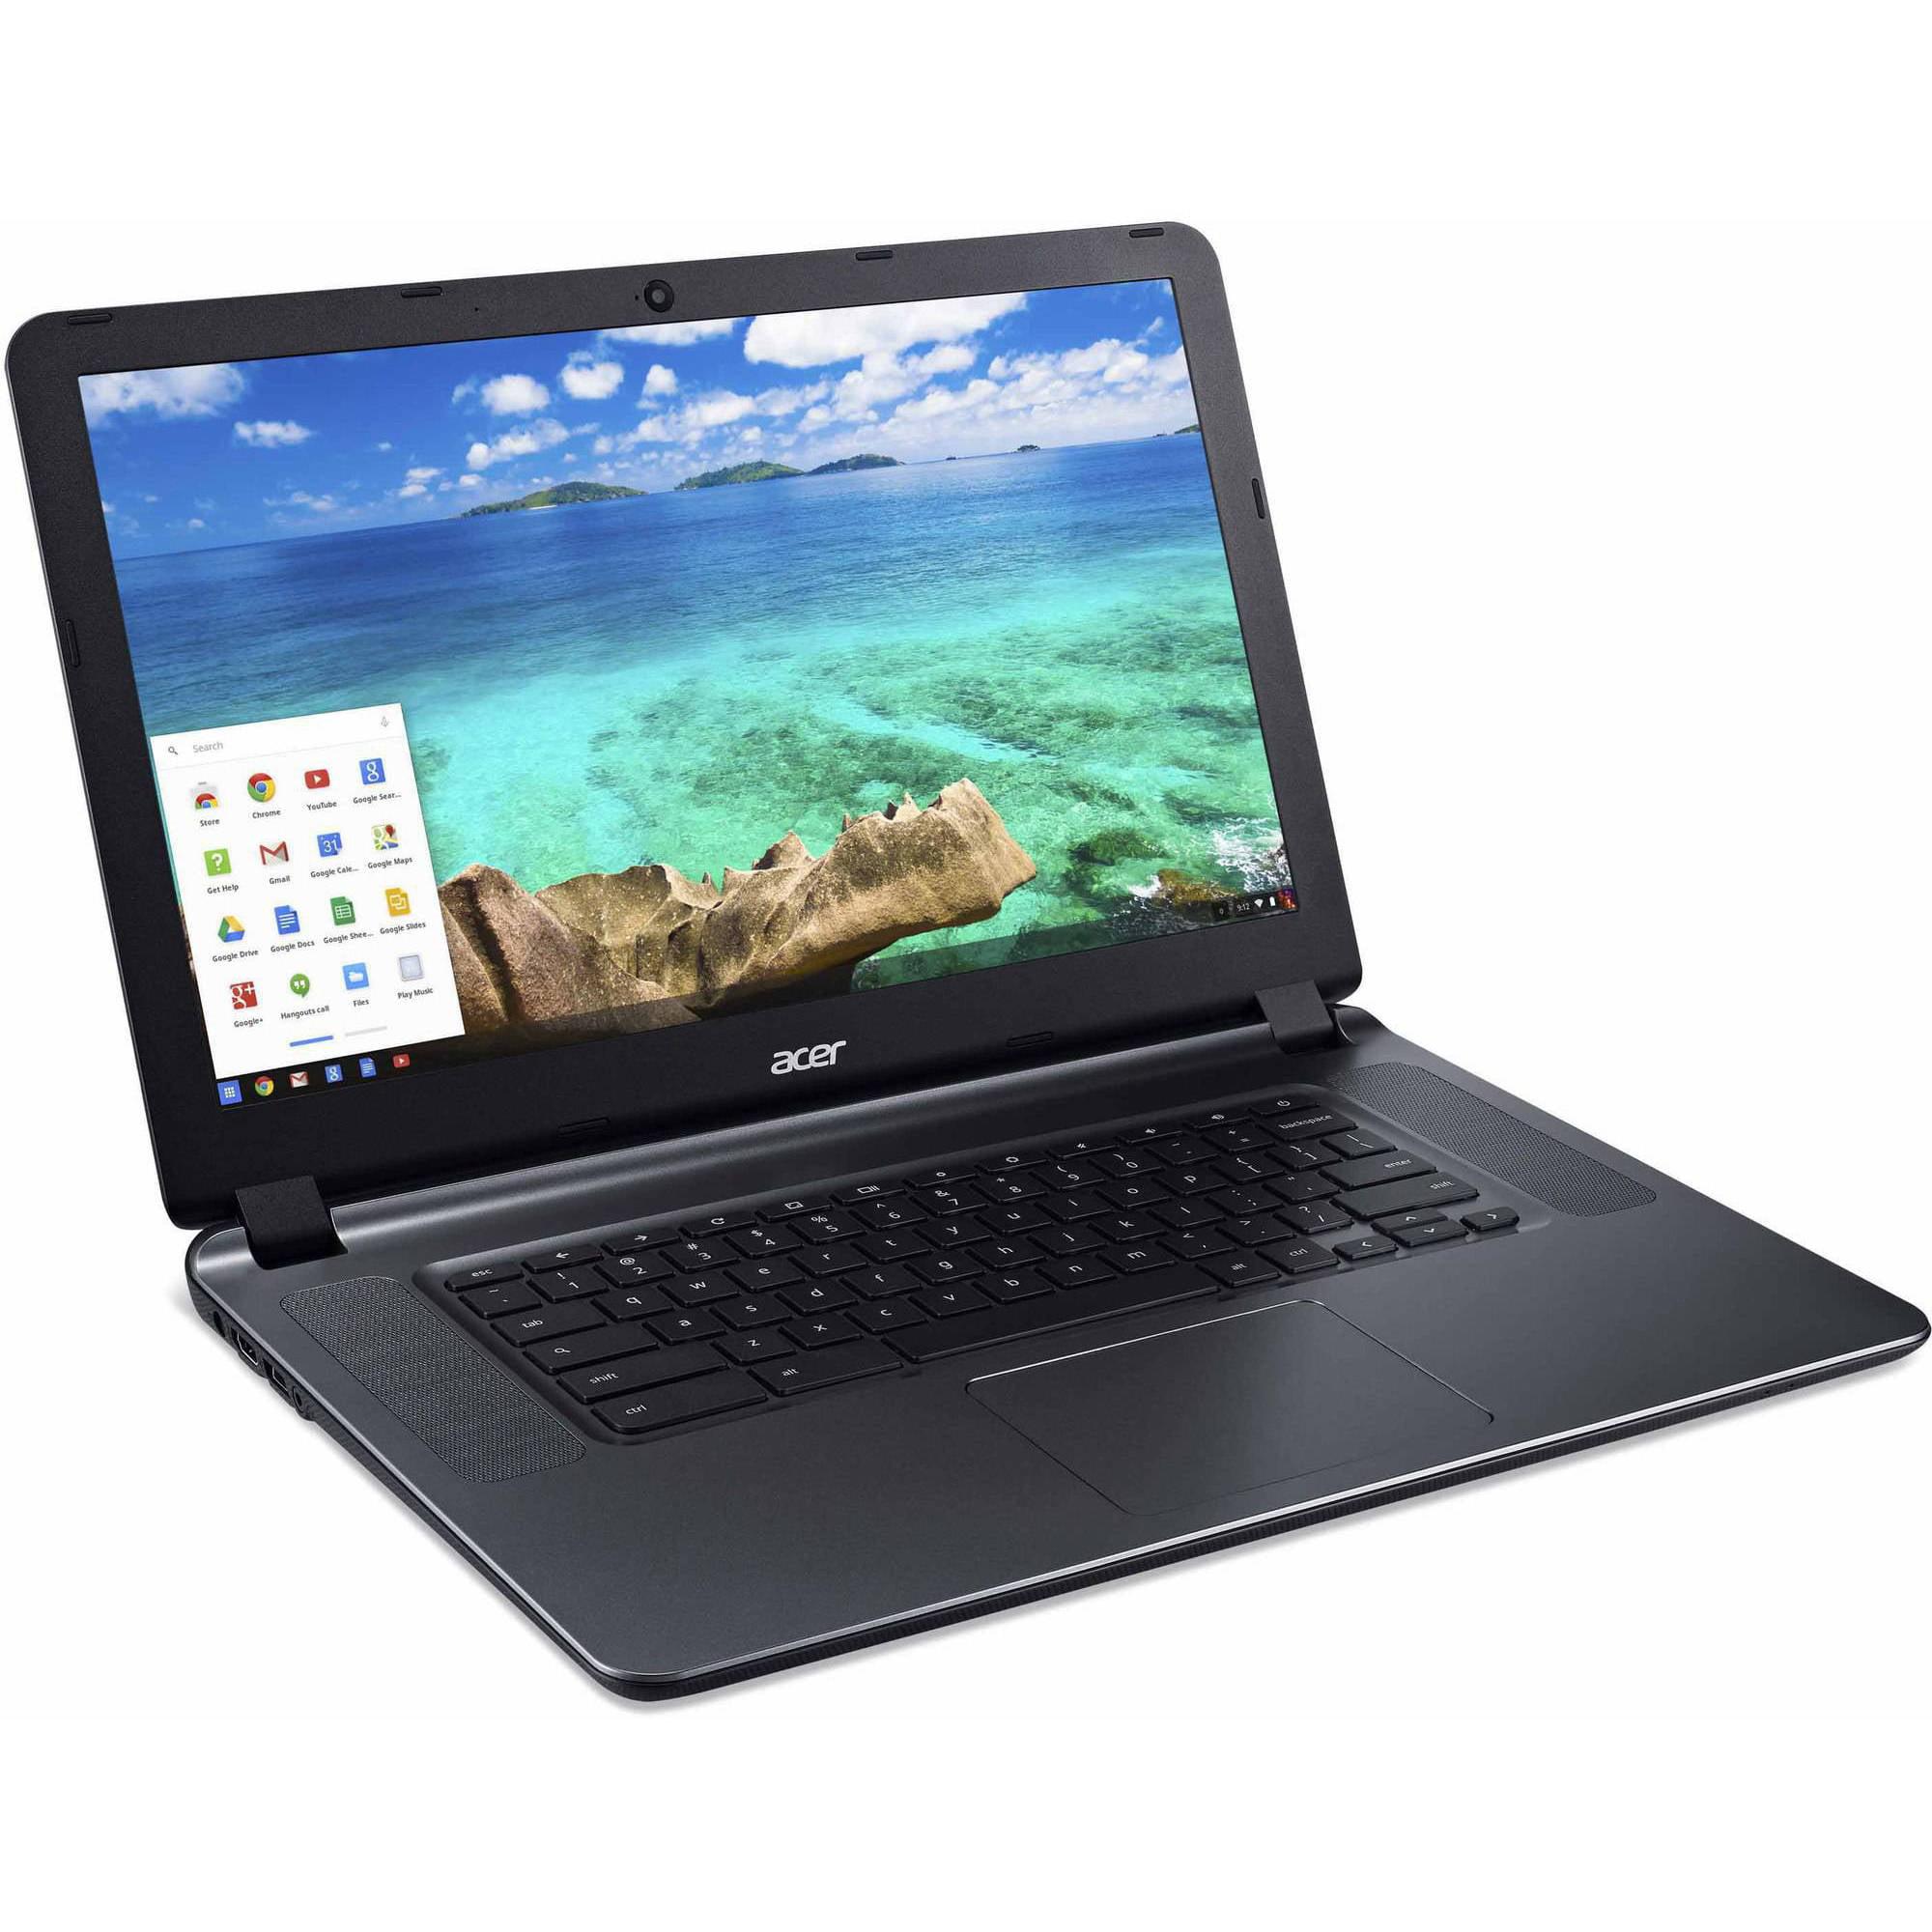 Refurbished Acer CB3-532-C47C 15.6 Chromebook Intel Celeron N3060 1.60 GHz 2GB RAM 16GB eMMC